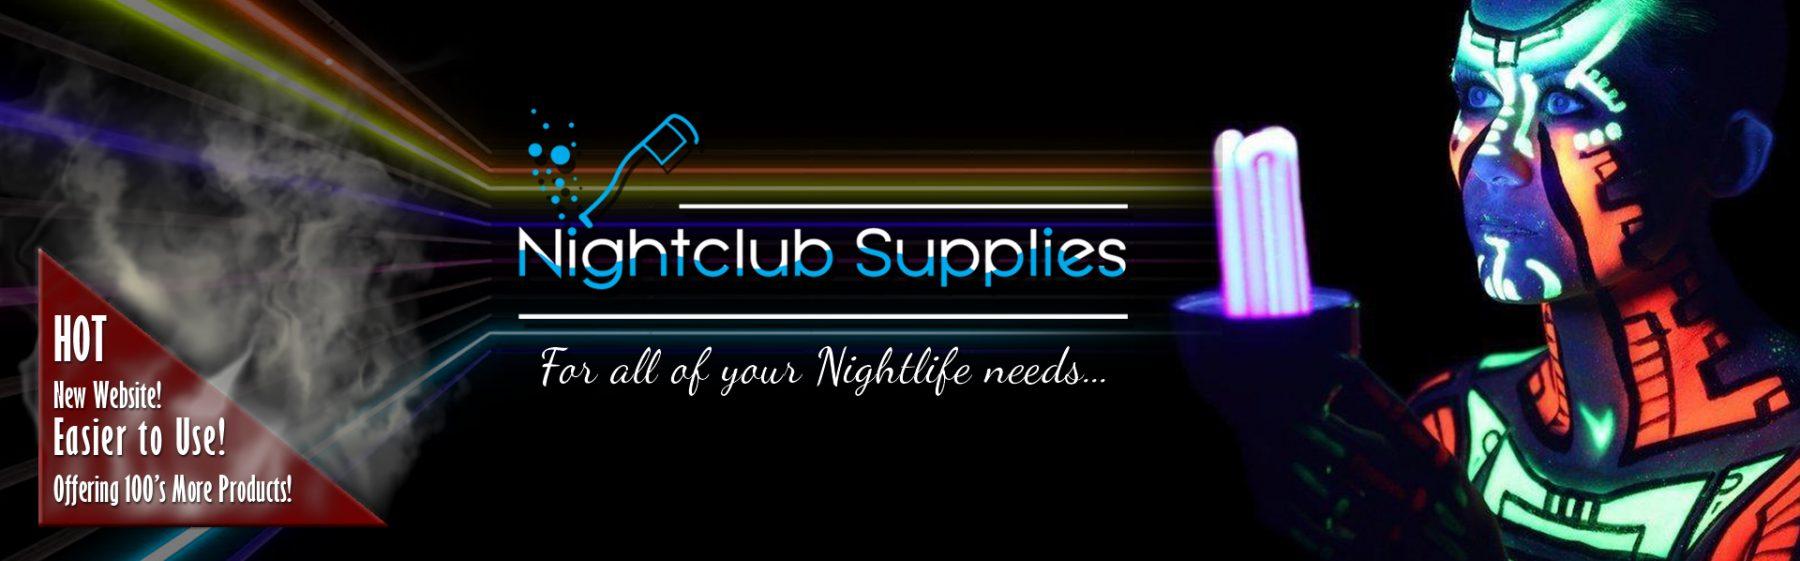 Nightclub Supplies Banner (1)